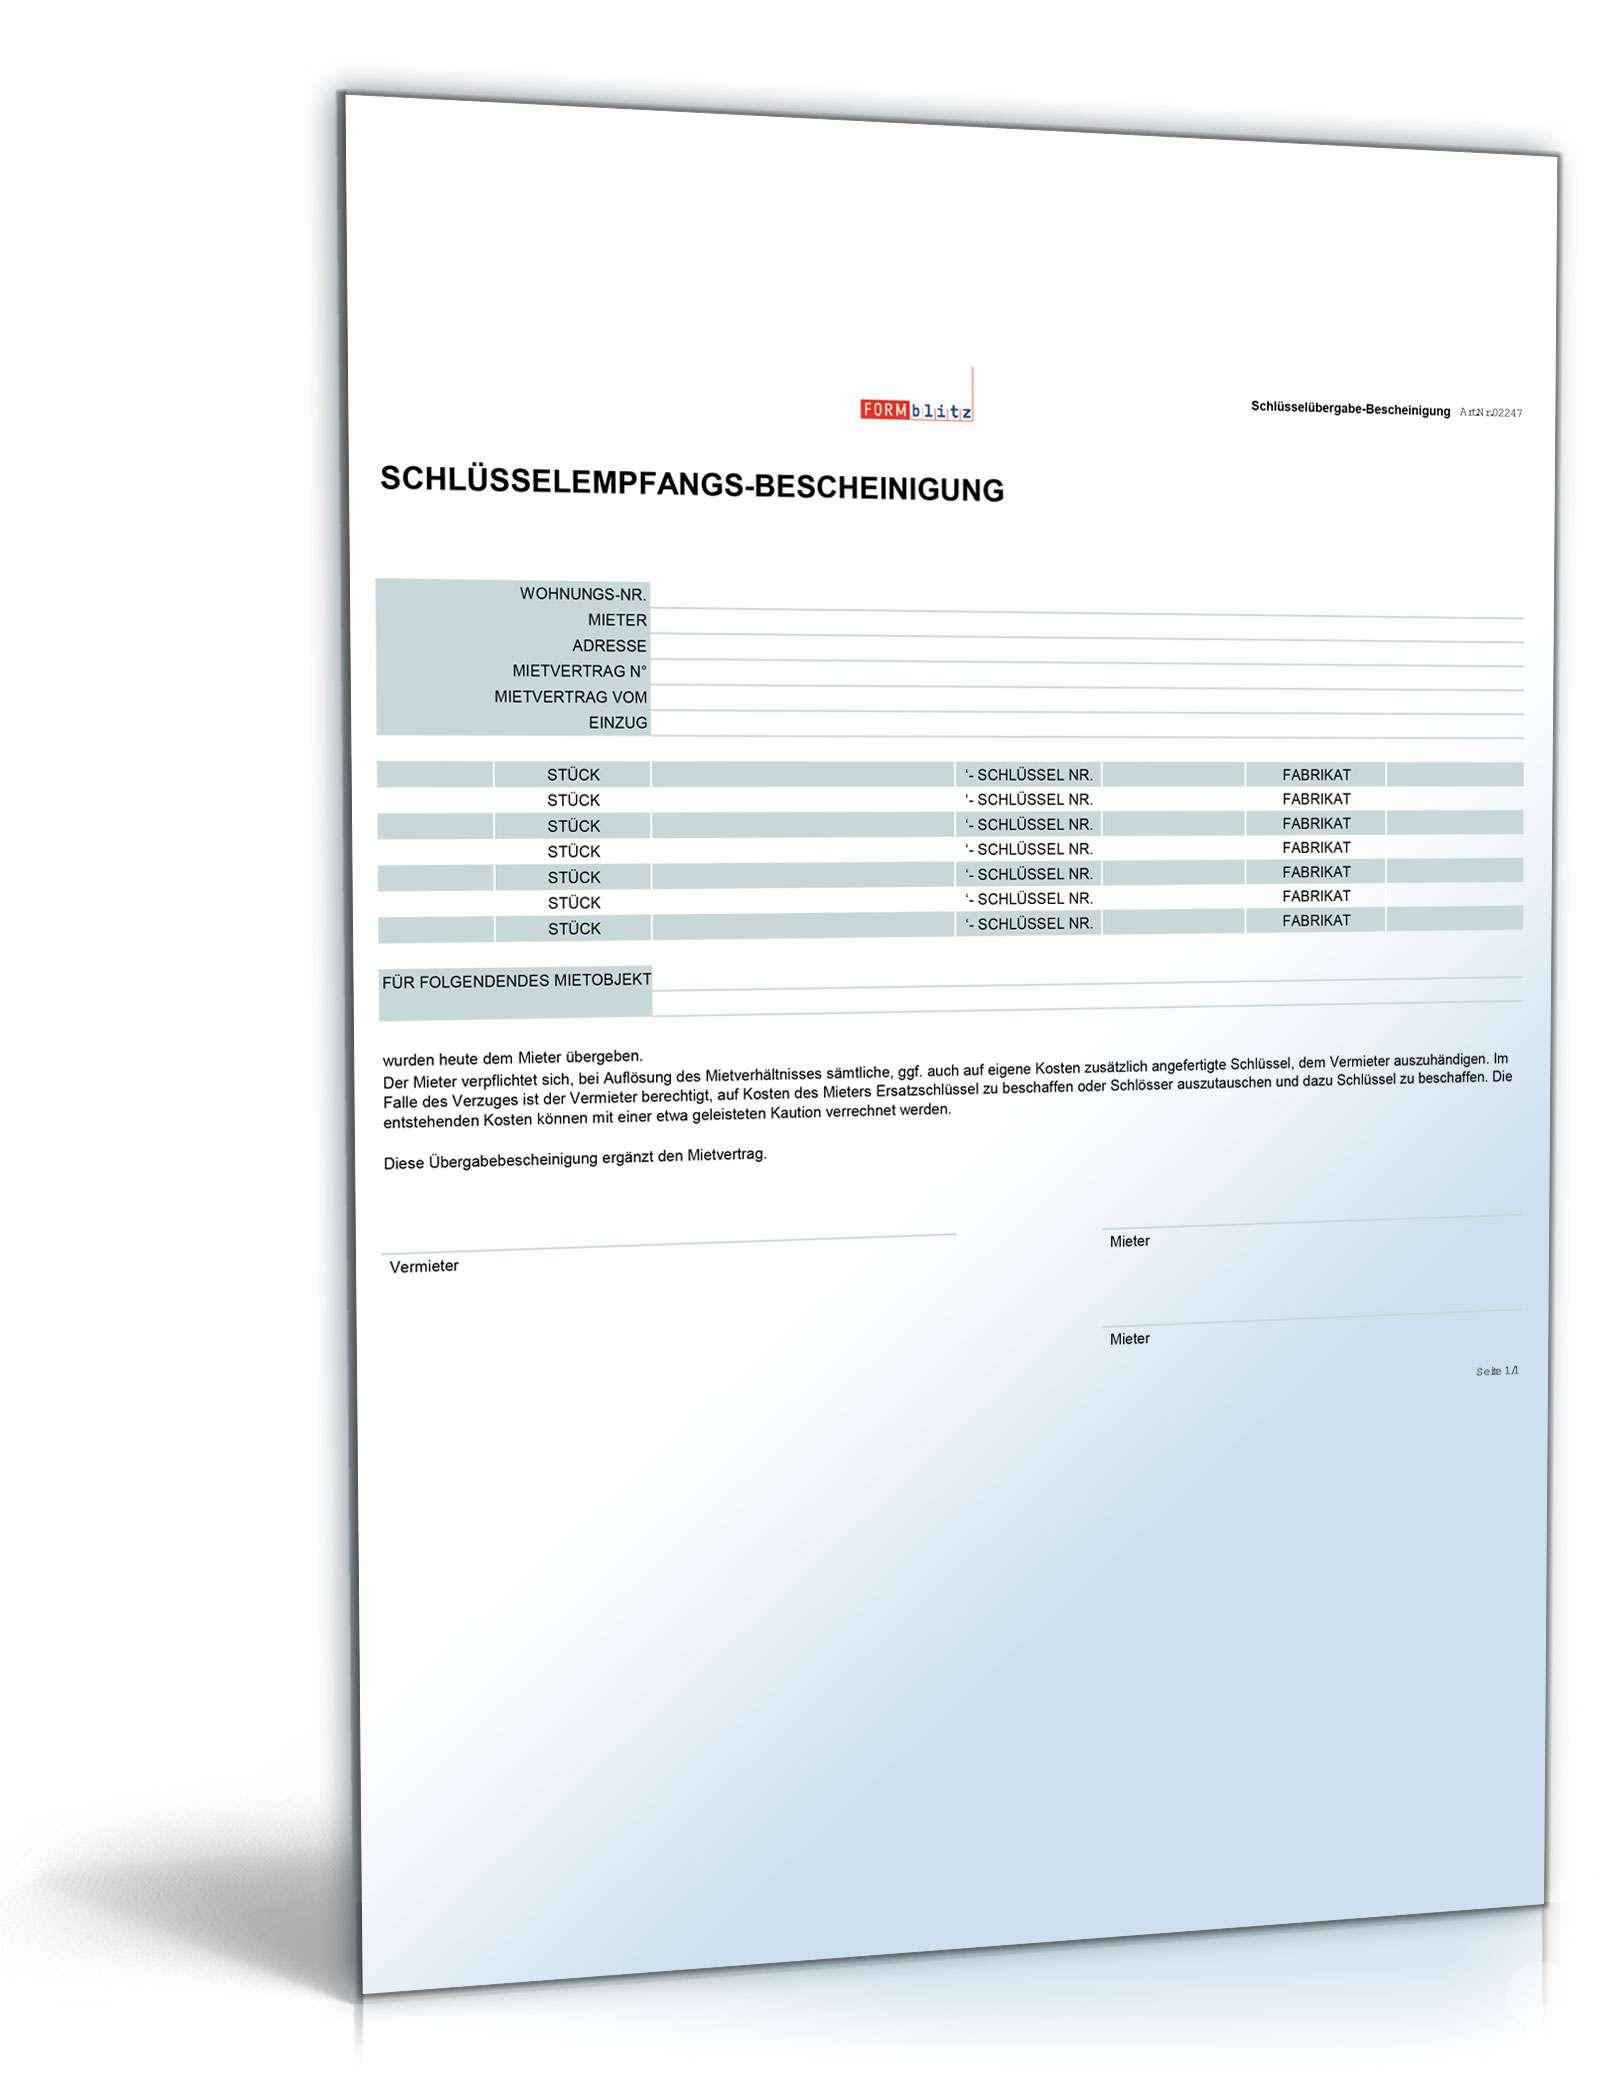 Schlussel Empfangsbescheinigung Muster Zum Download